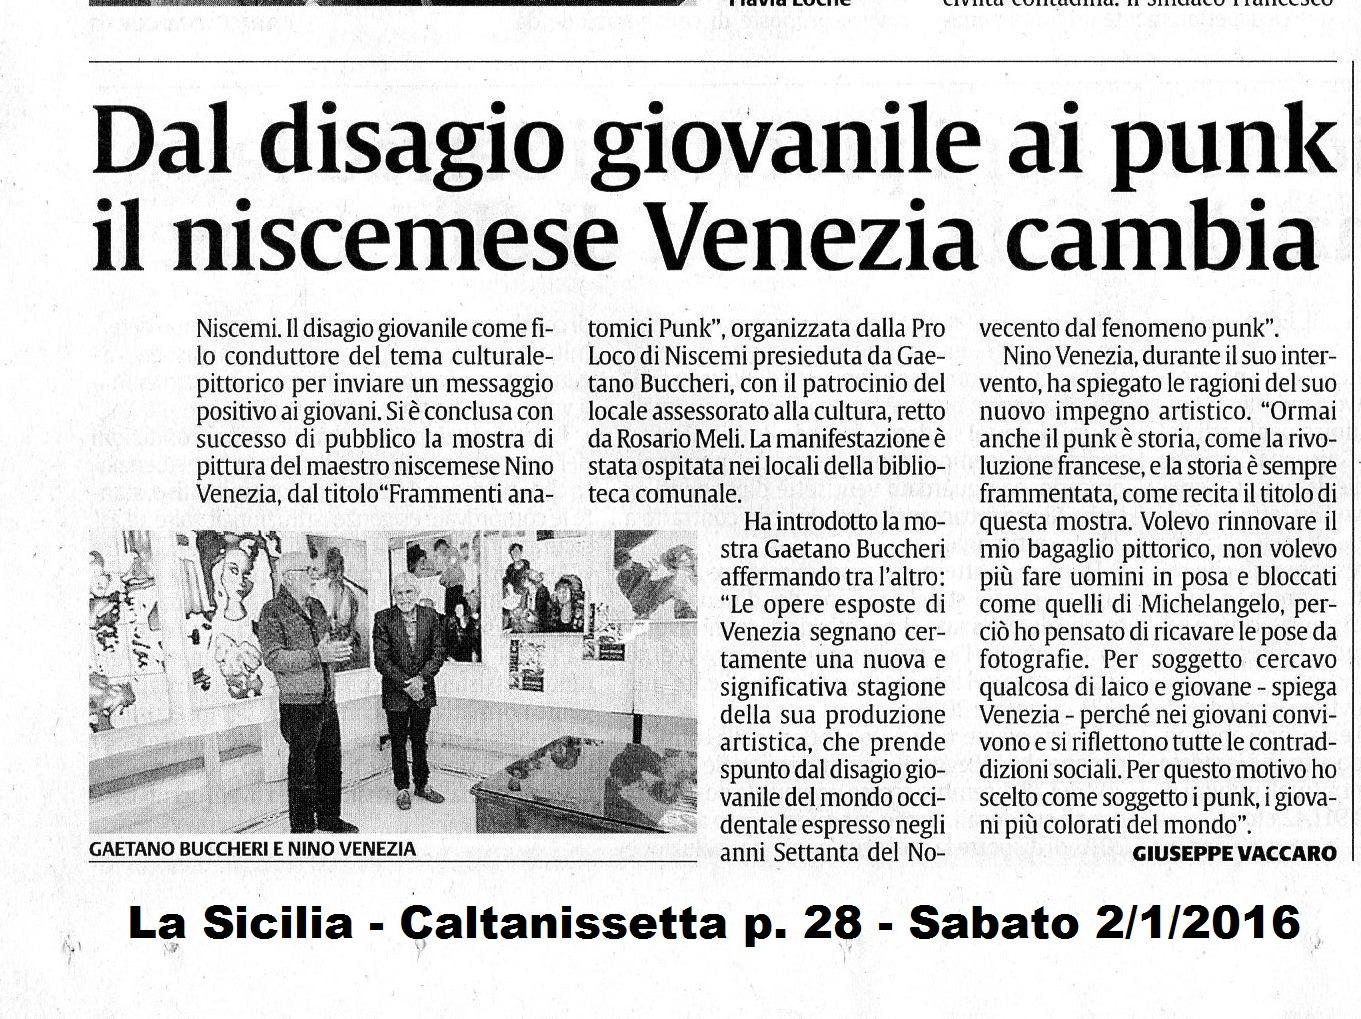 Pro_Loco_La_Sicilia_2_1_2016_Venezia